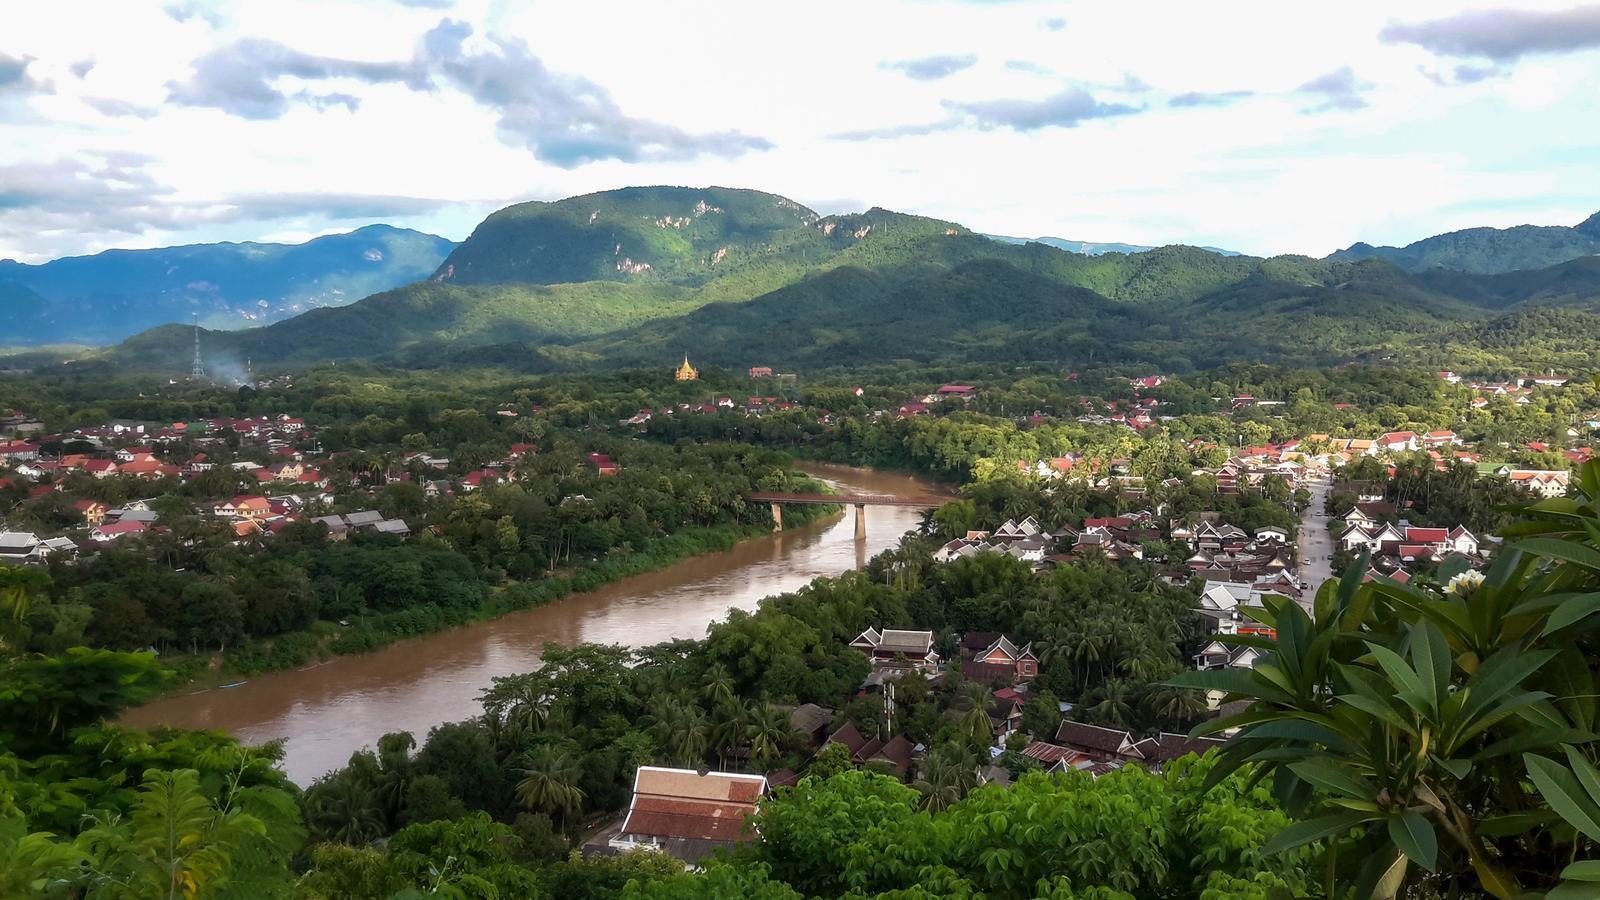 Vietnam & Laos Reise für junge Leute in der Gruppe Asien preiswert reisen traveljunkies